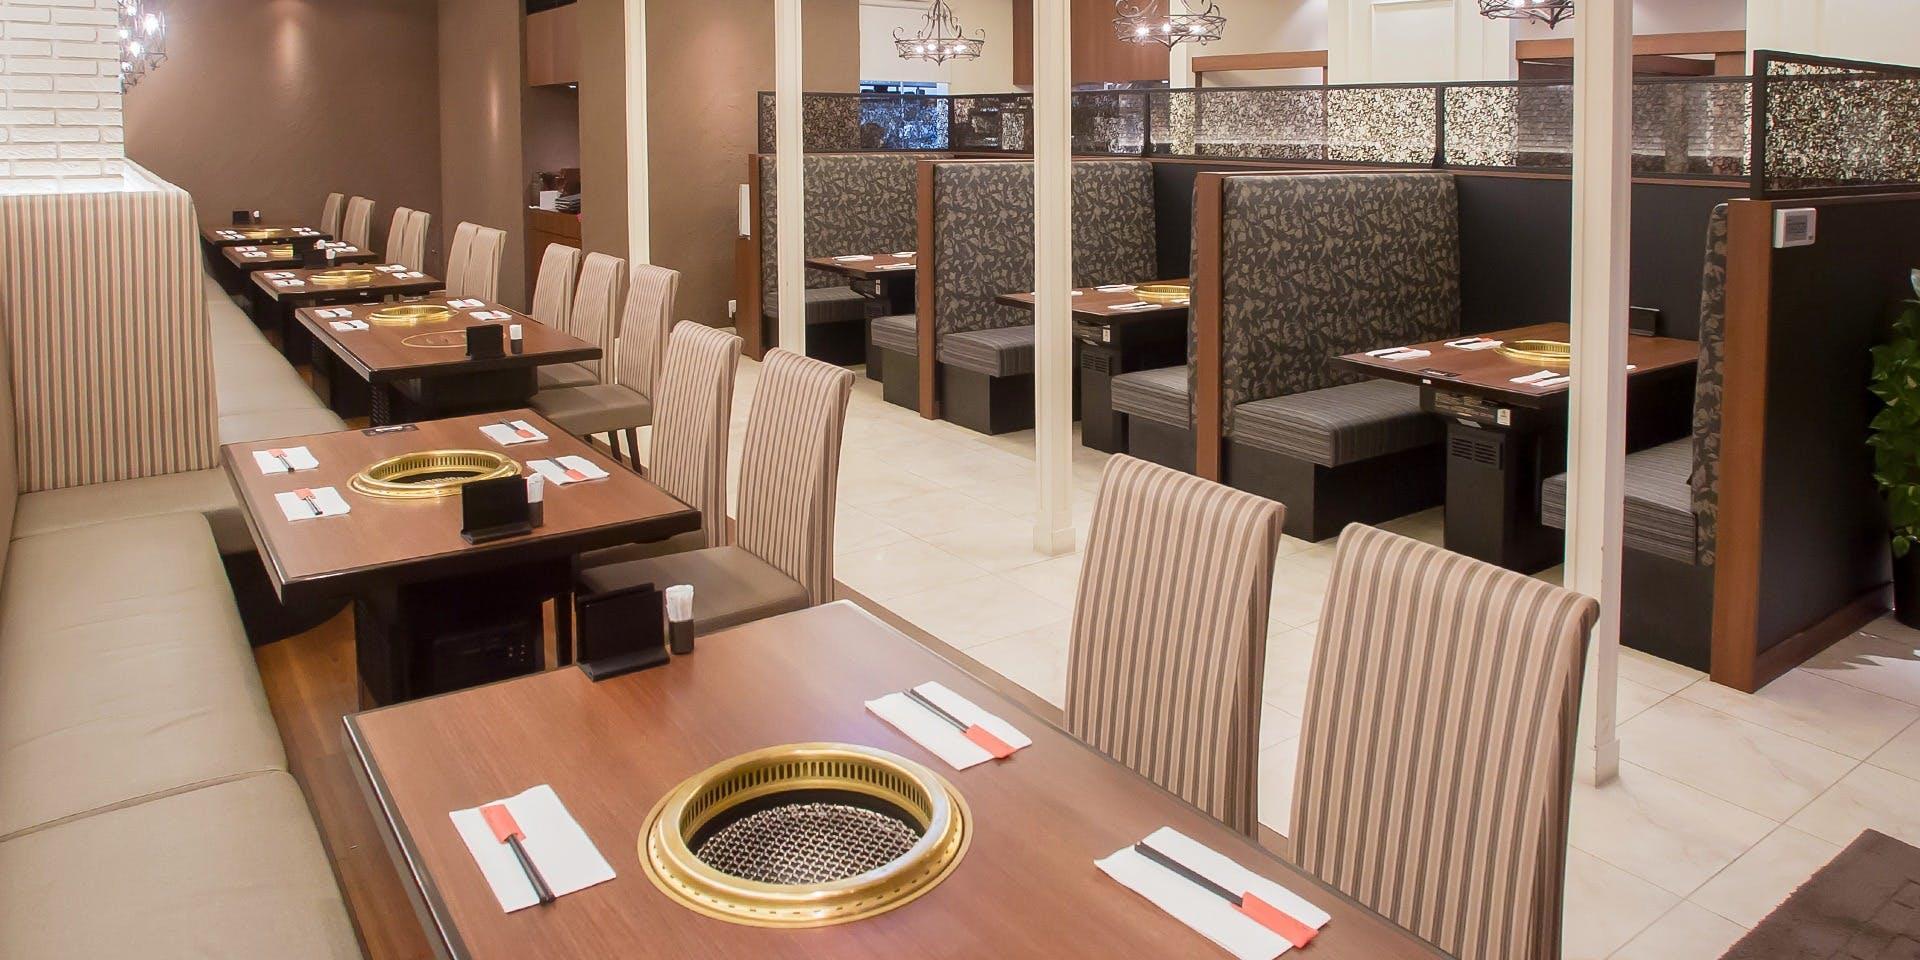 記念日におすすめのレストラン・肉處 きっしゃん あべのハルカスダイニング店の写真1